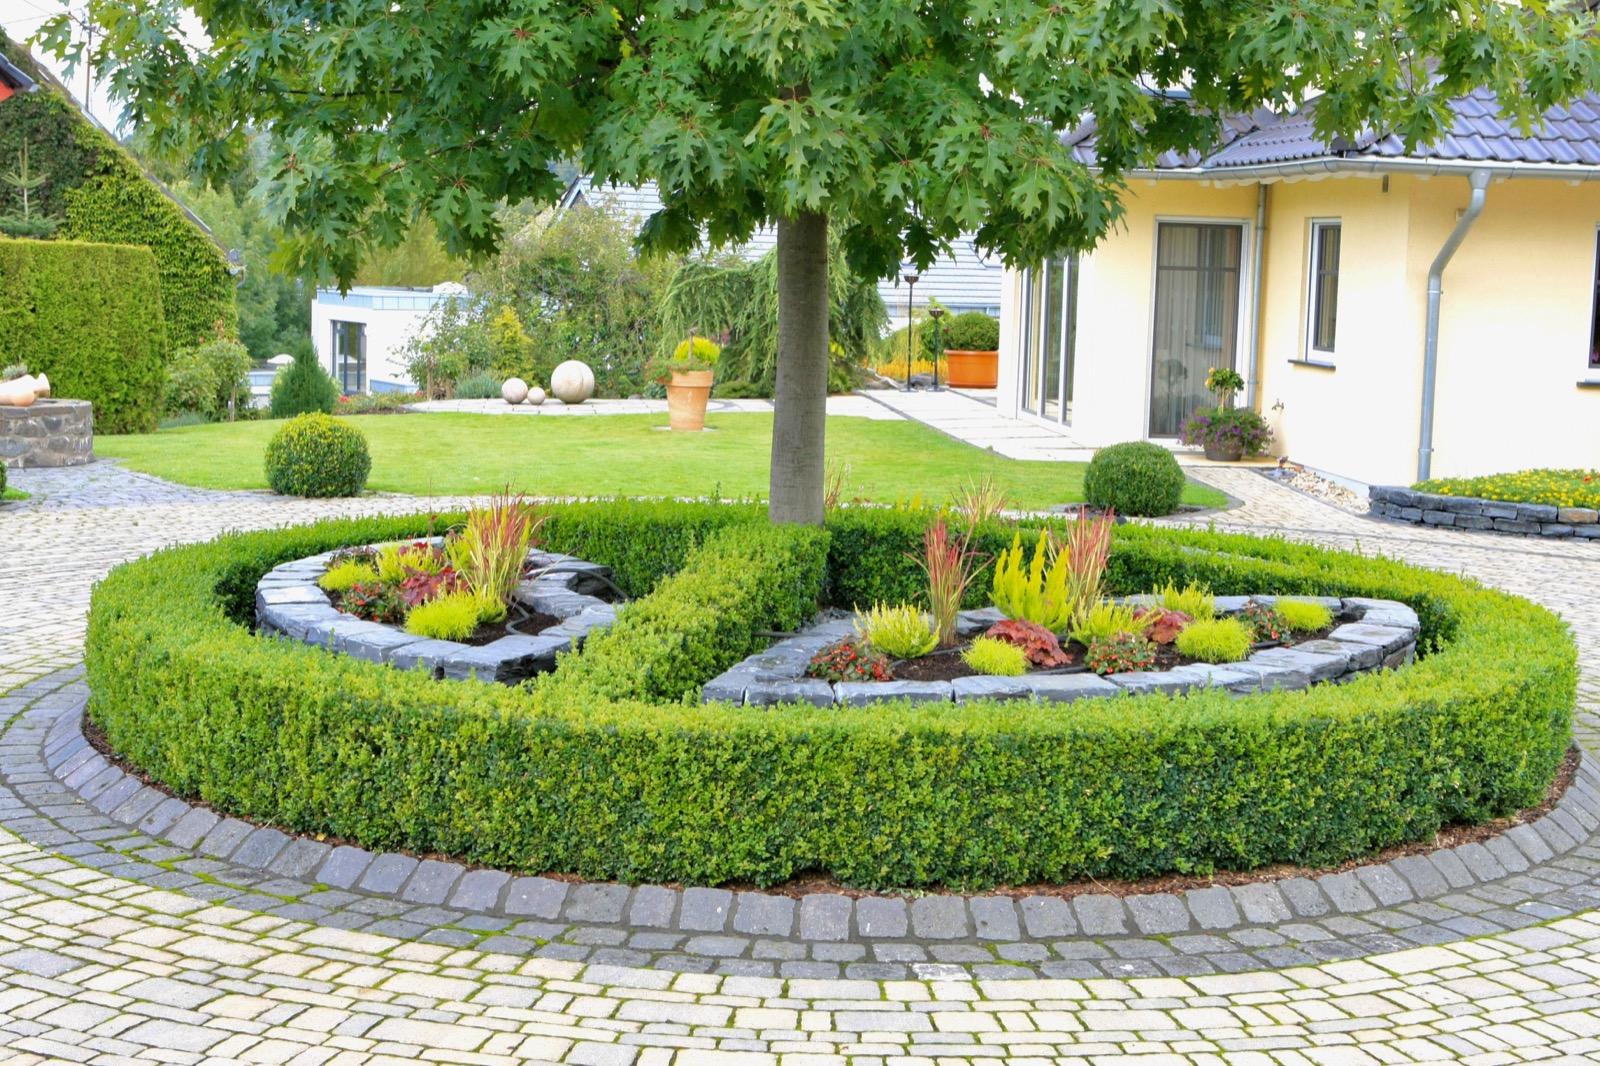 auenanlagen gestalten beispiele einfahrt gestalten hauseingang gestalten vorgarten modern. Black Bedroom Furniture Sets. Home Design Ideas